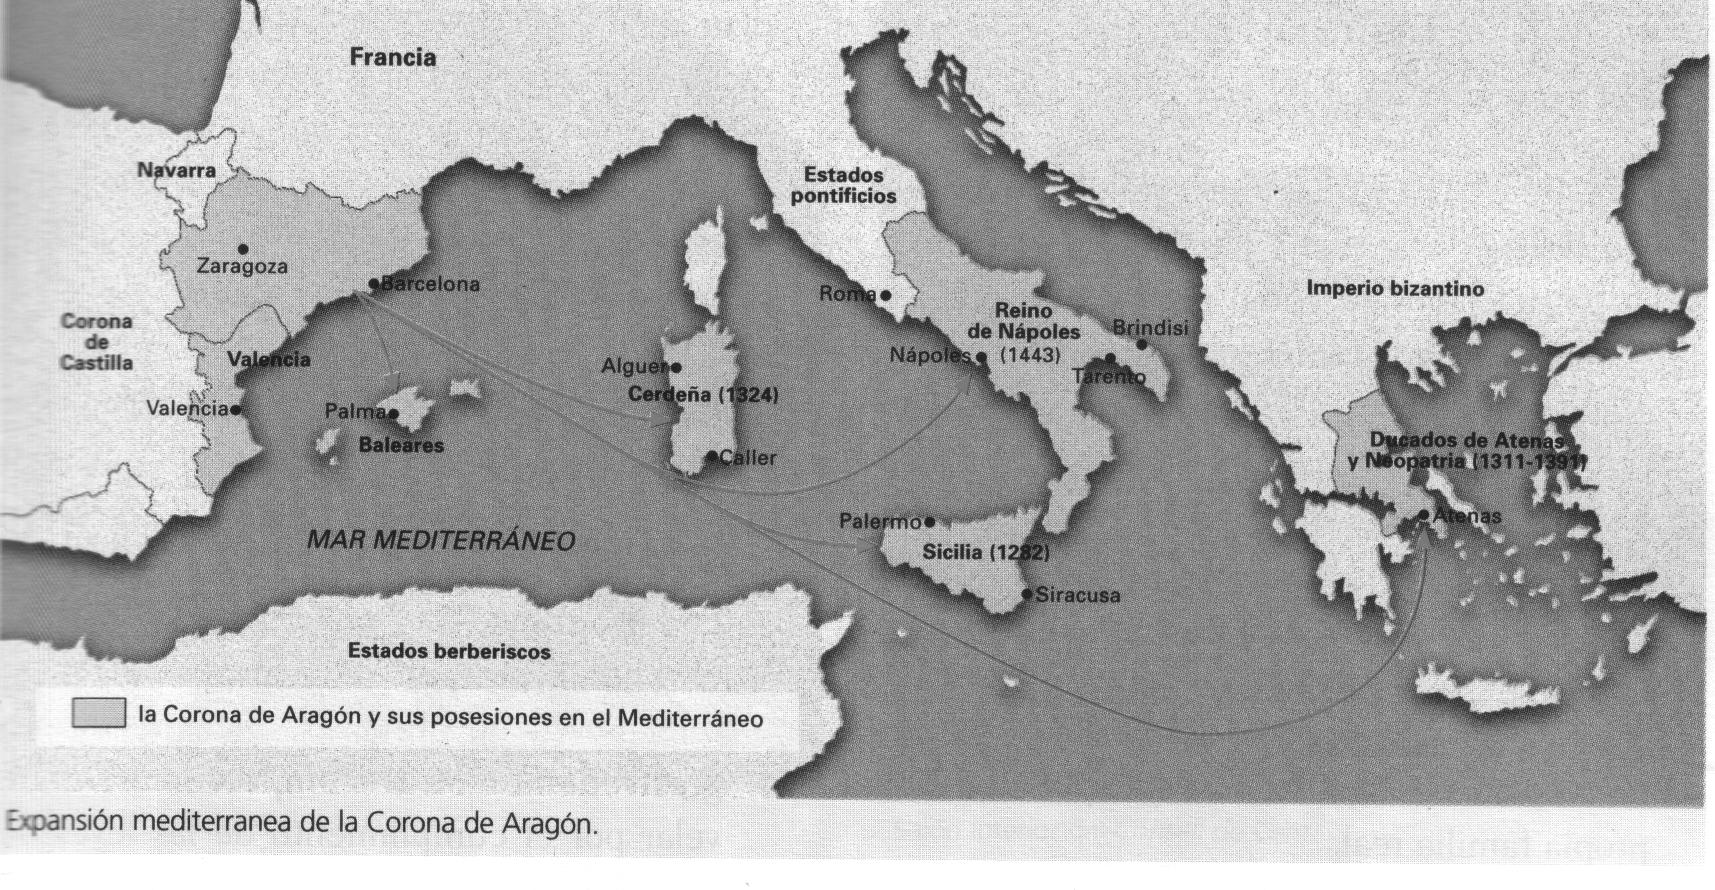 Matrimonio Romano El Rincon Del Vago : Encuentra aquí información de historia españa edad